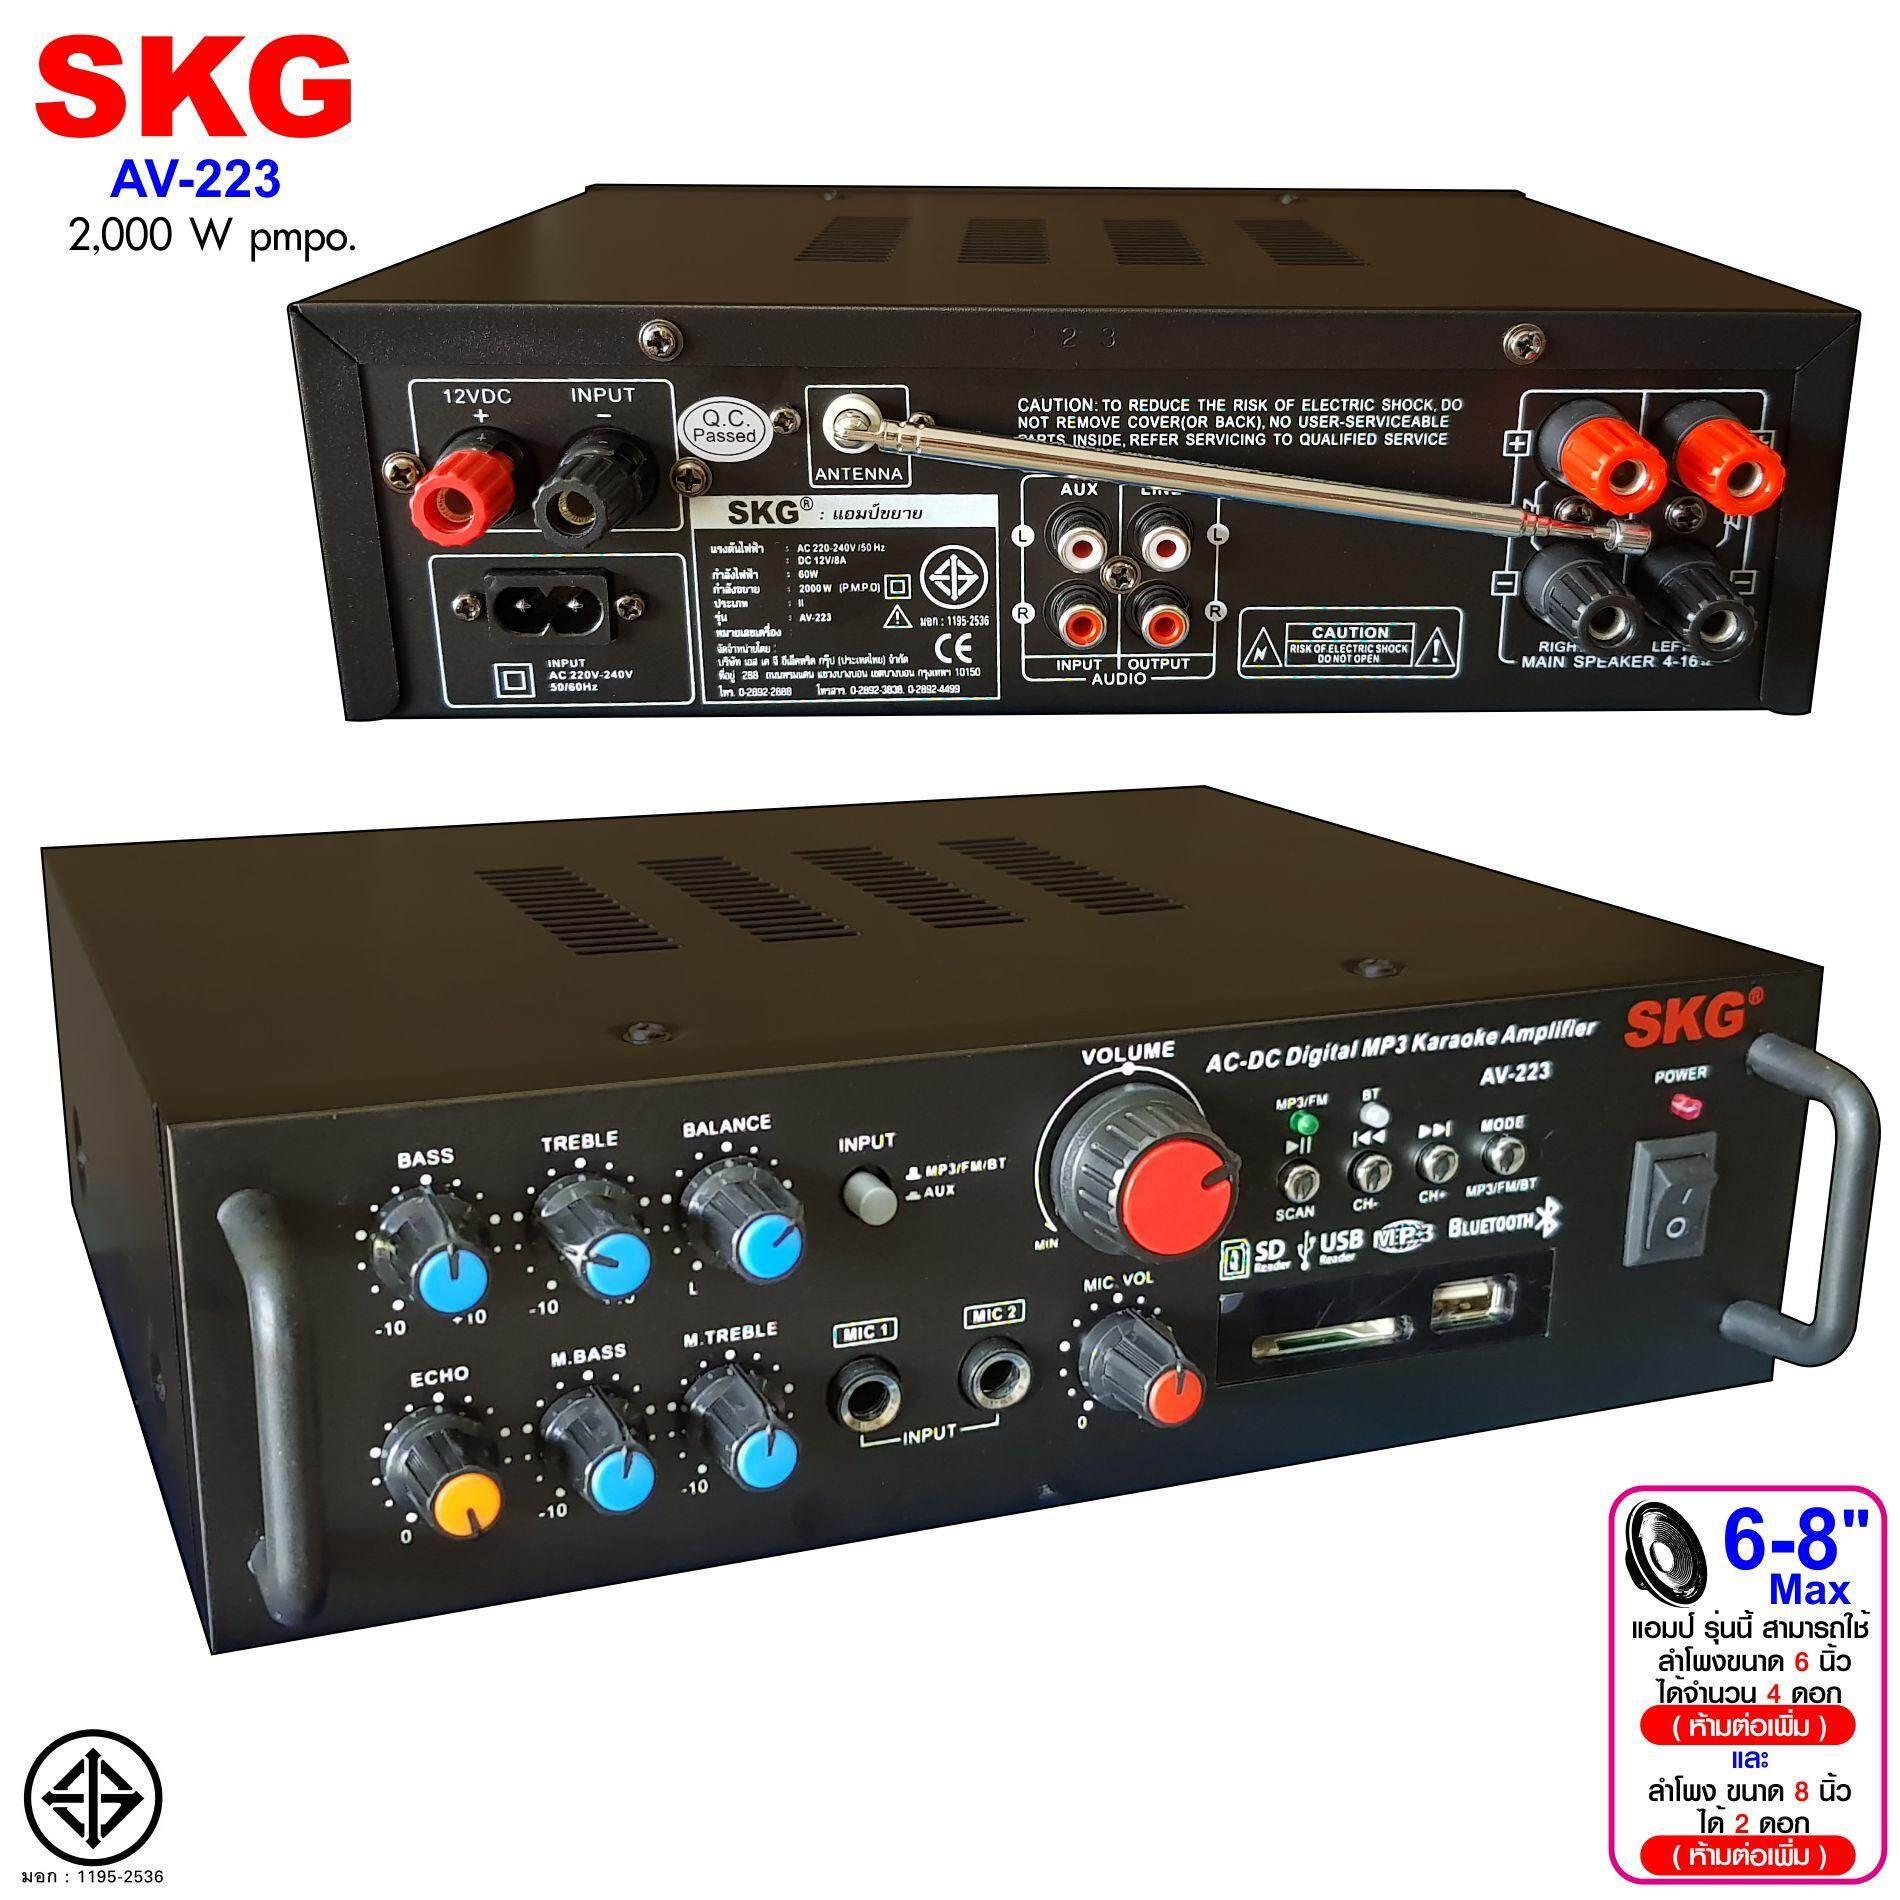 เก็บเงินปลายทางได้ SKG เครื่องแอมป์ขยายเสียง 2000 W รุ่น AV-223 (สีดำ)